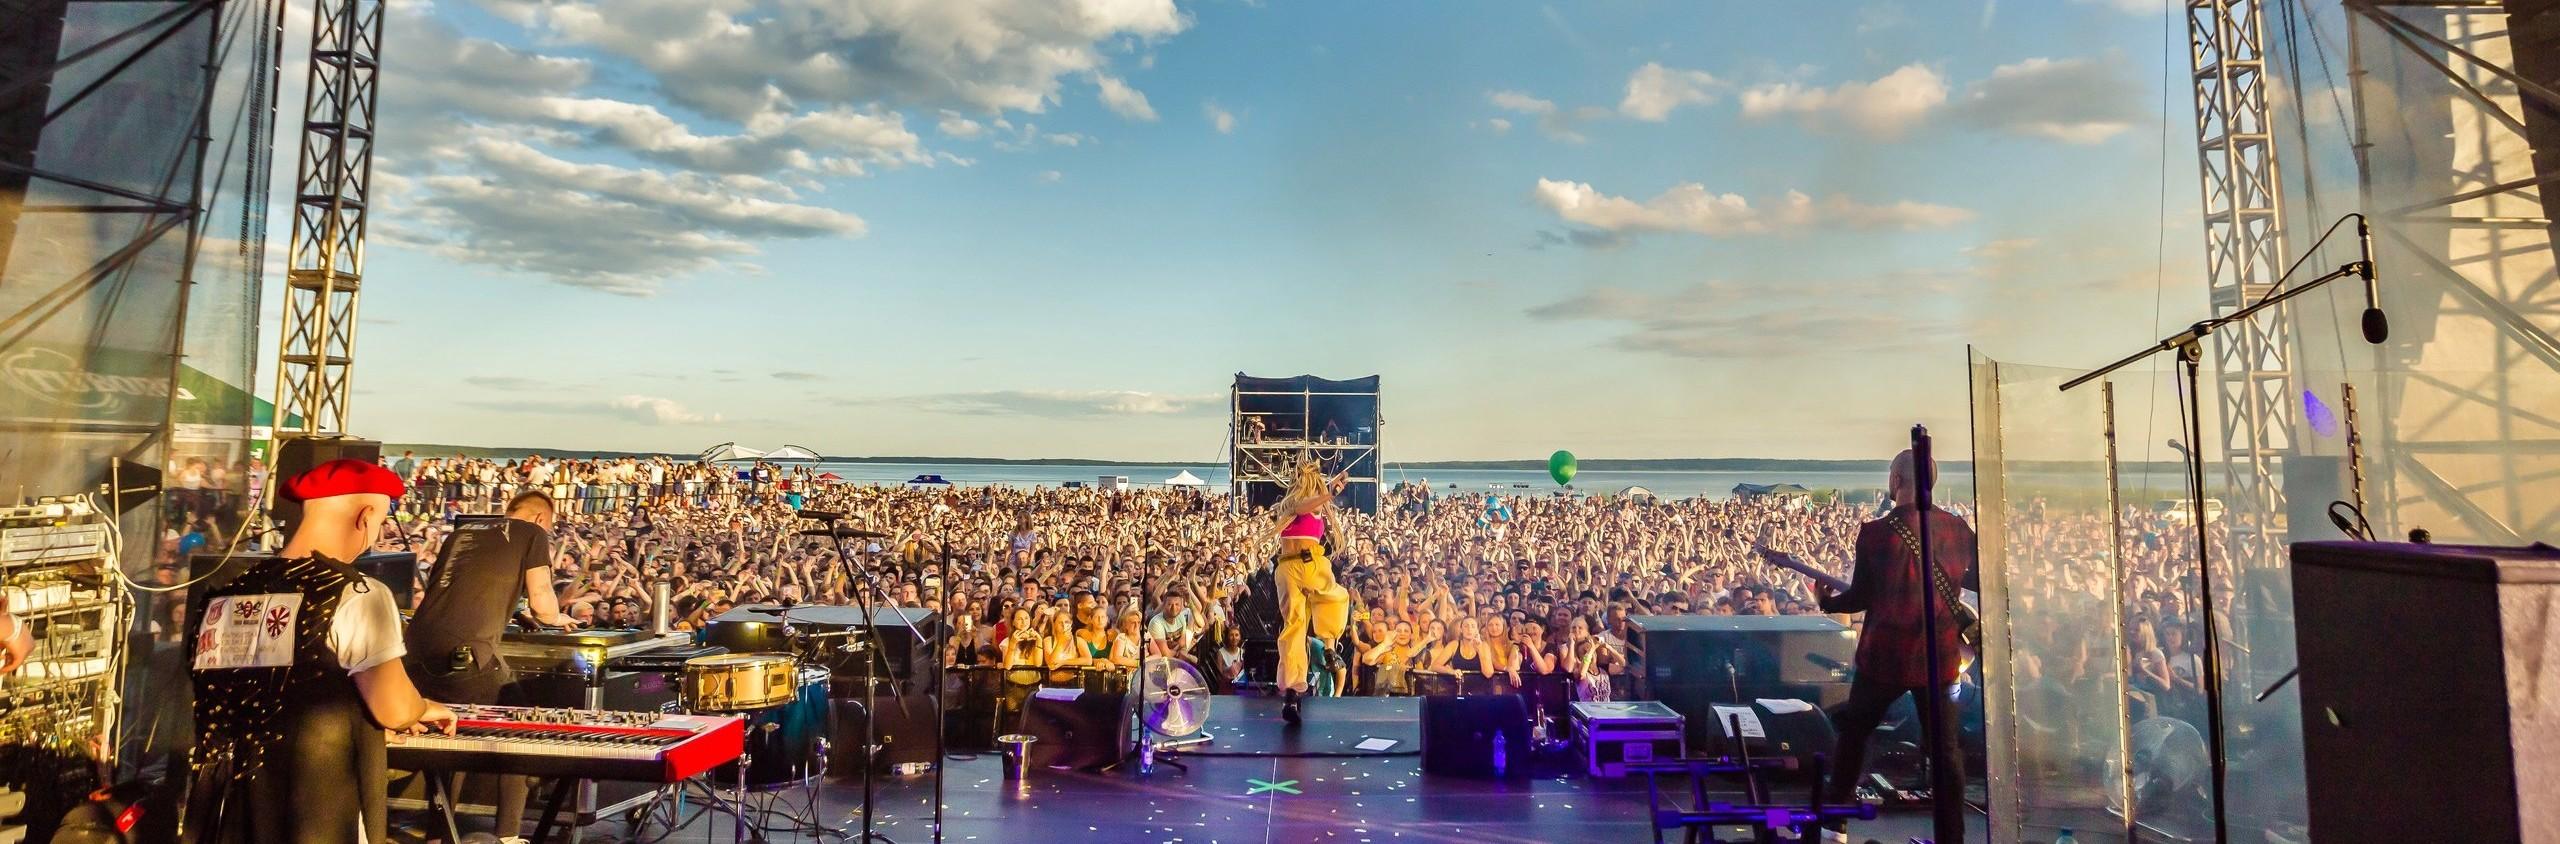 Viva Braslav — крупнейший спортивно-музыкальный фестиваль, который прошел 22 июля в небольшом городке на севере Беларуси – Браславе.